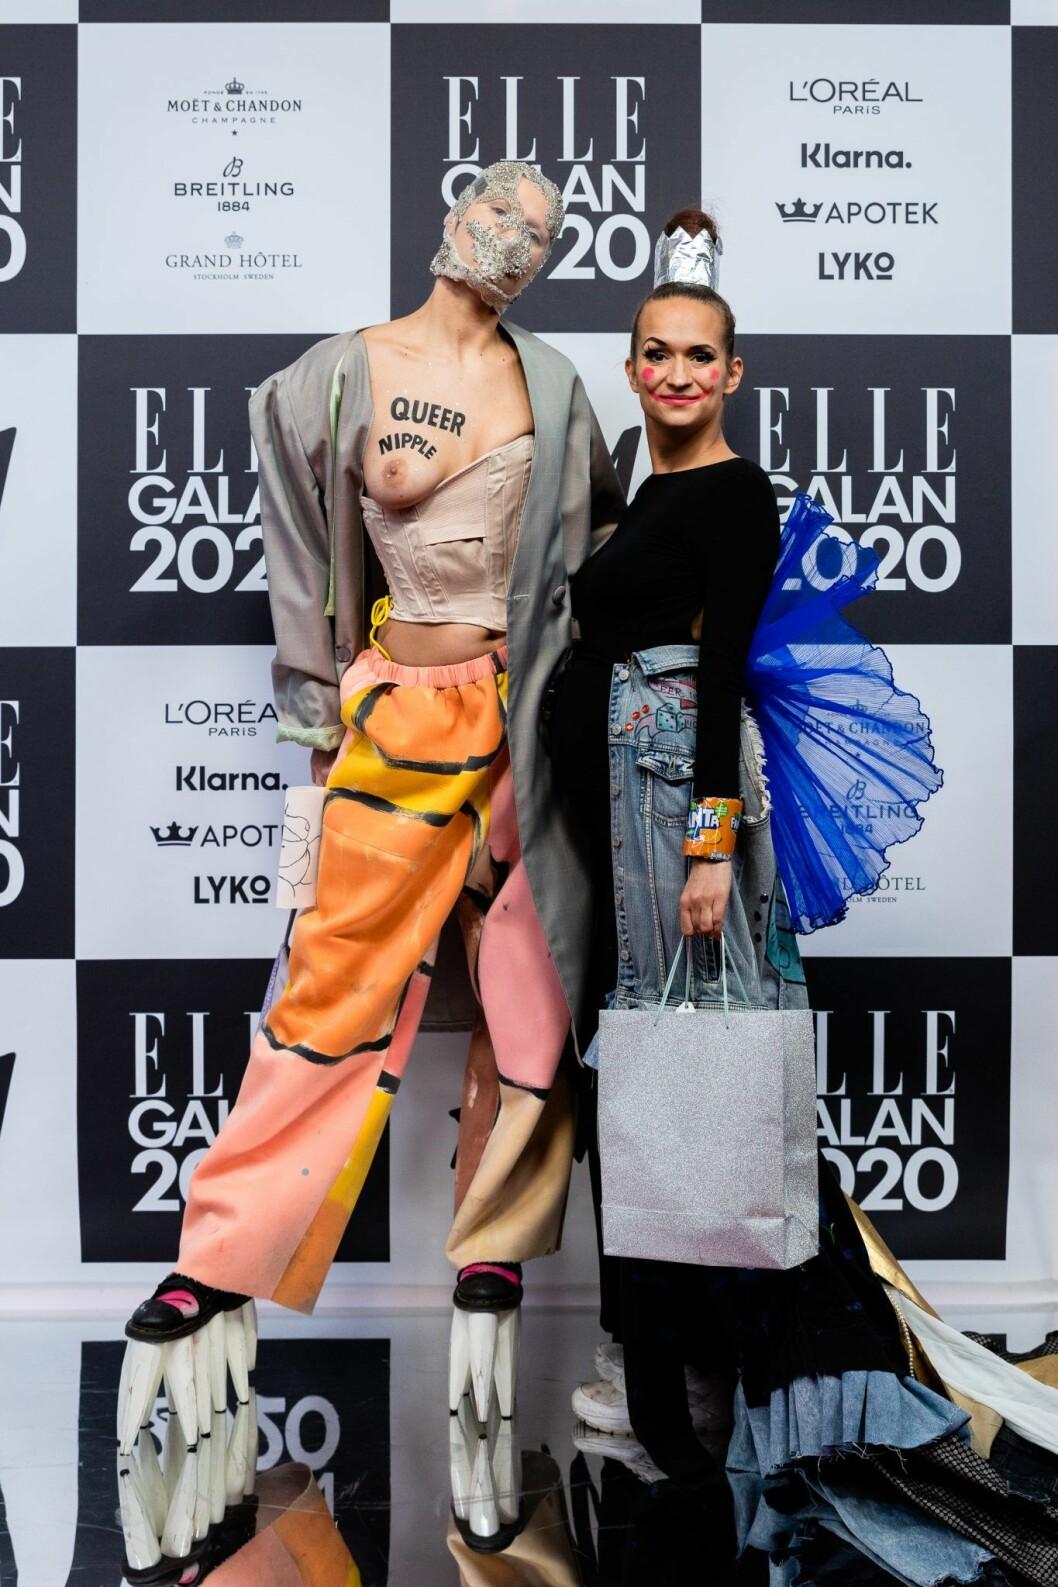 Leffe Crumlove och Bianca Kronlof på elle-galan röda-mattan 2020